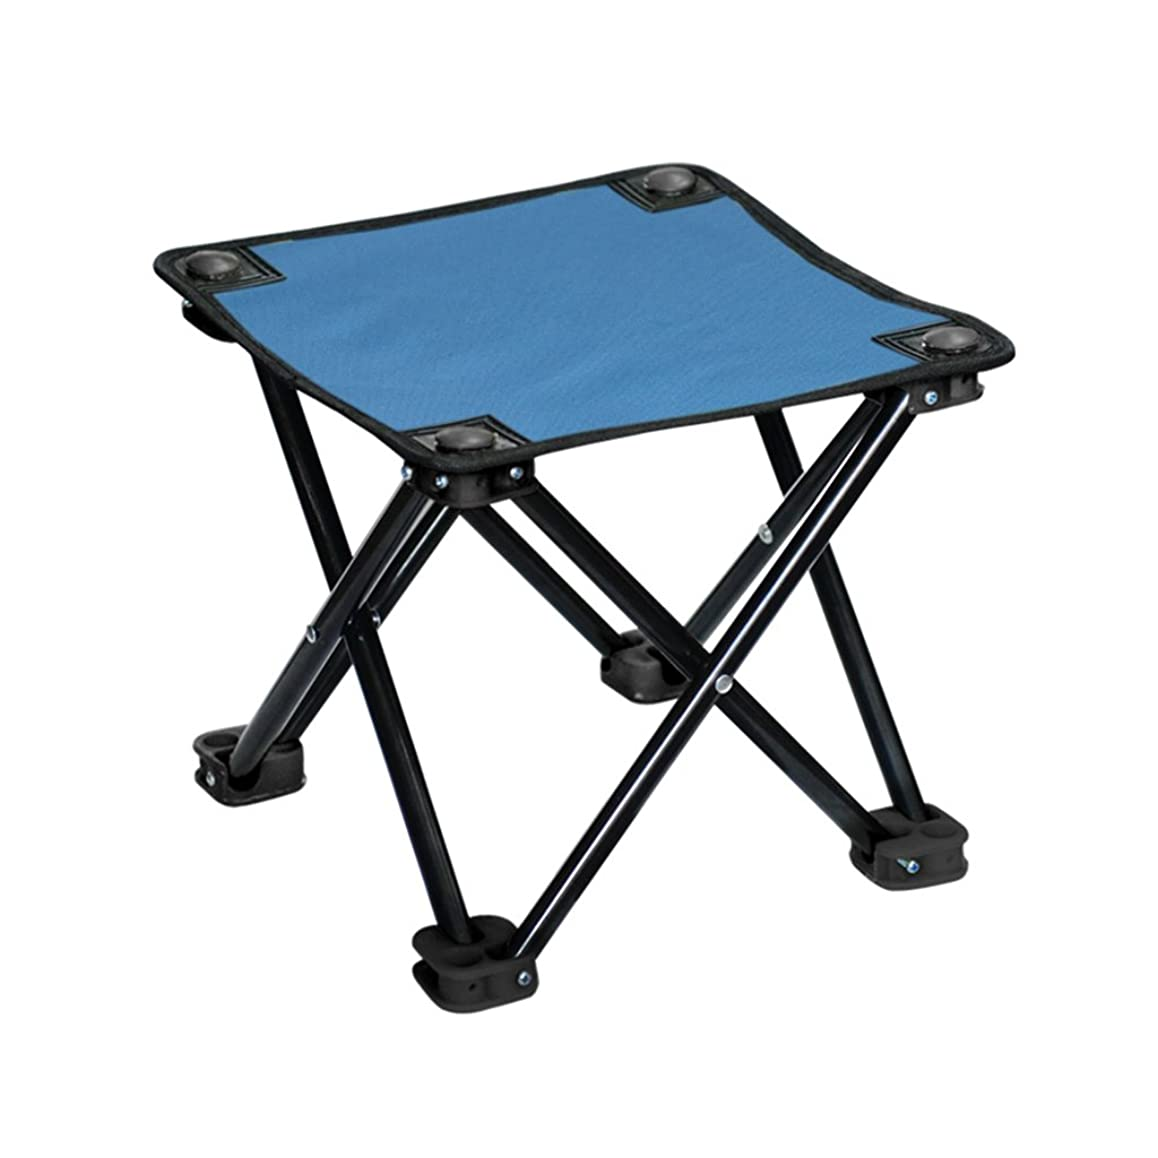 通行料金割り込み腸IAIZI 子供のためのミニ折りたたみチェア、小型ポータブルステンレス鋼釣りシート軽量キャンプスツール、コンパクト (Color : B)